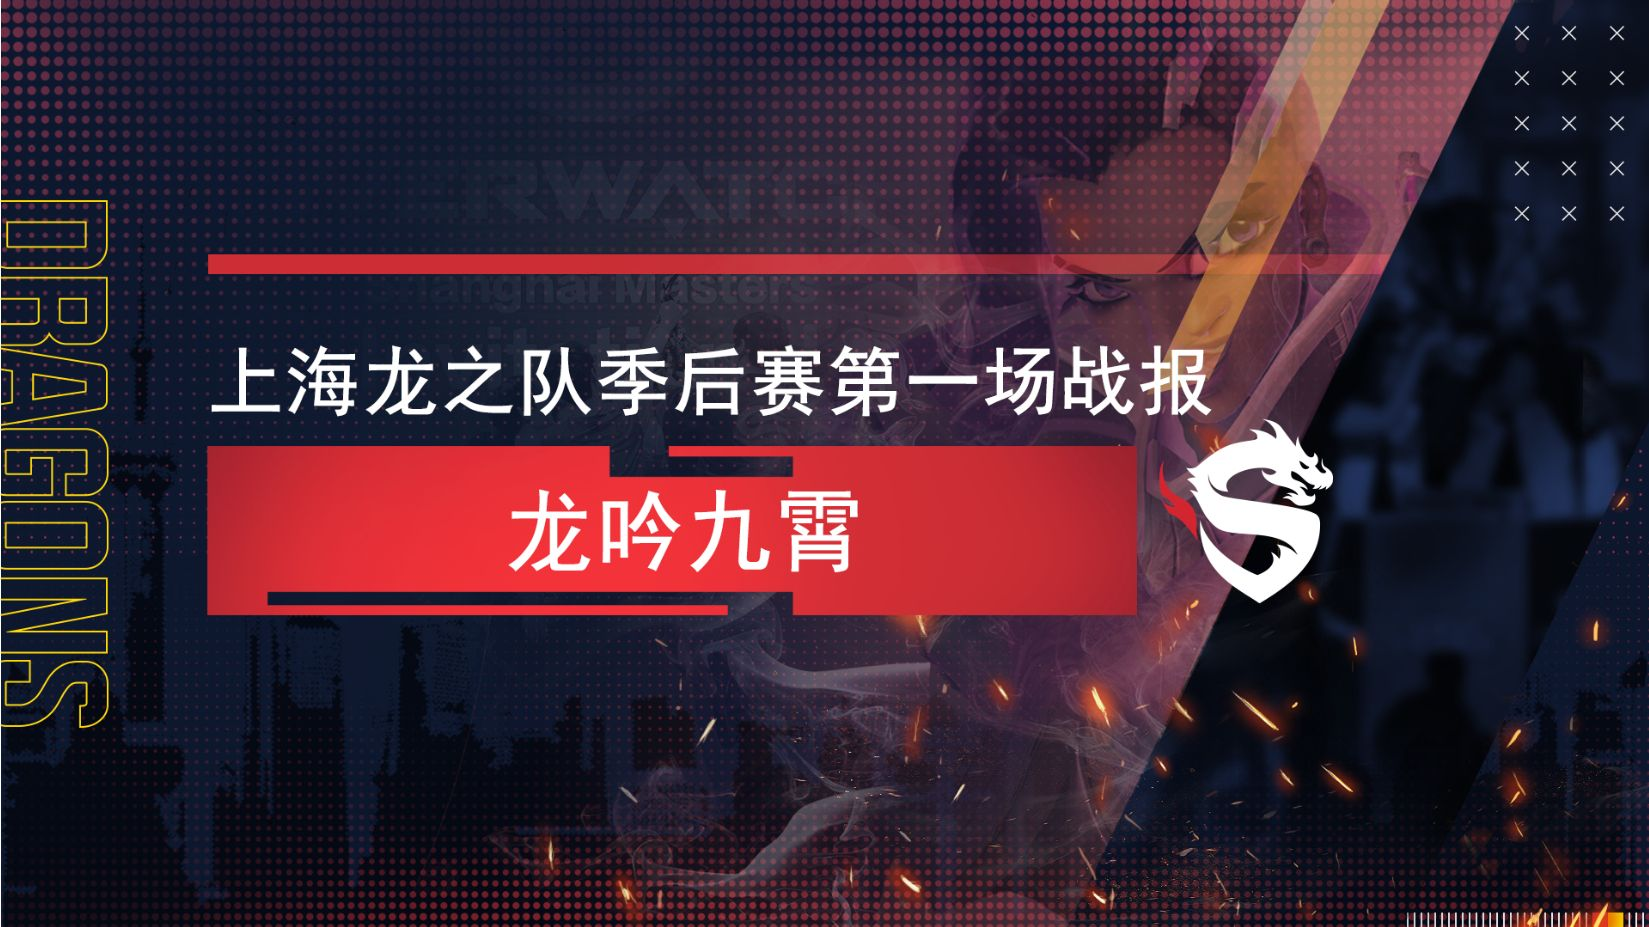 上海龙之队季后赛战报:龙吟九霄 季后赛首战告捷